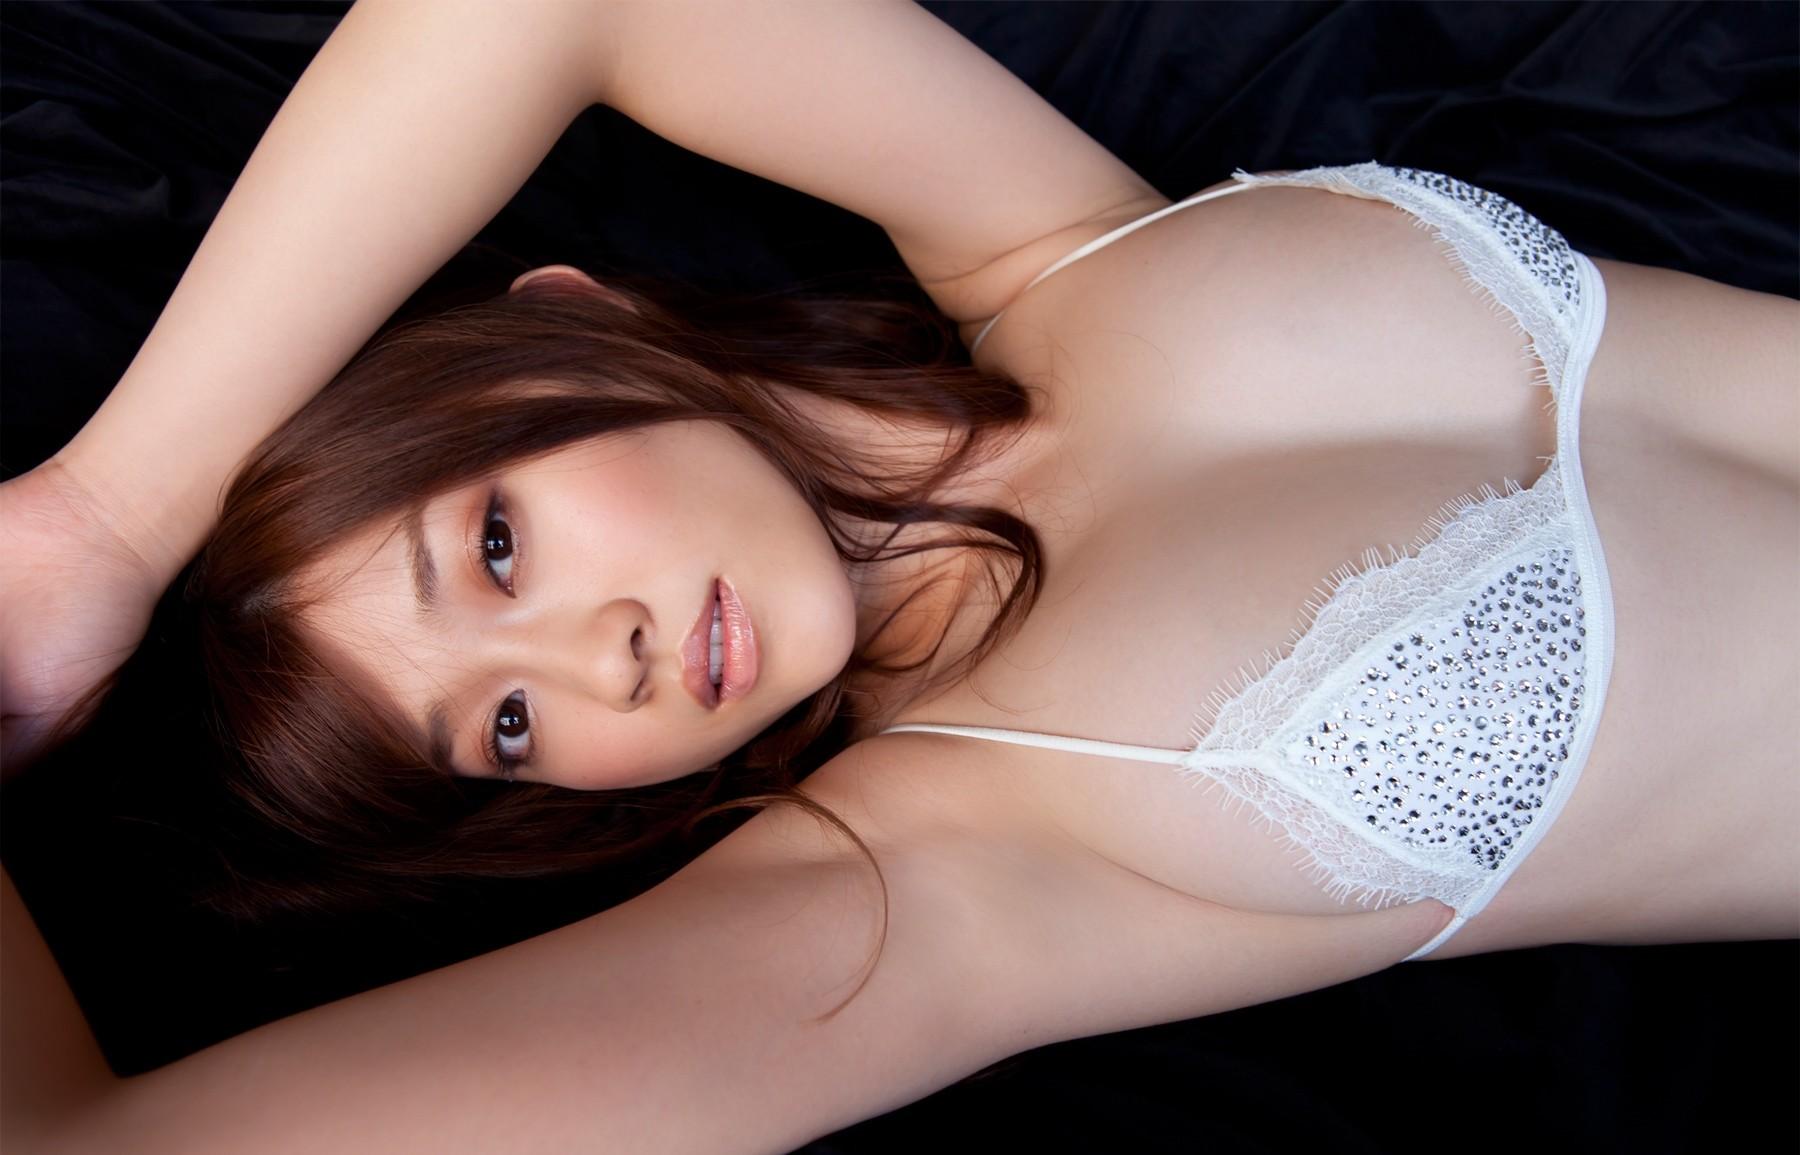 【腋フェチエロ画像】乳首より舐めたい時もあるw味わい深い美女の腋下www 28